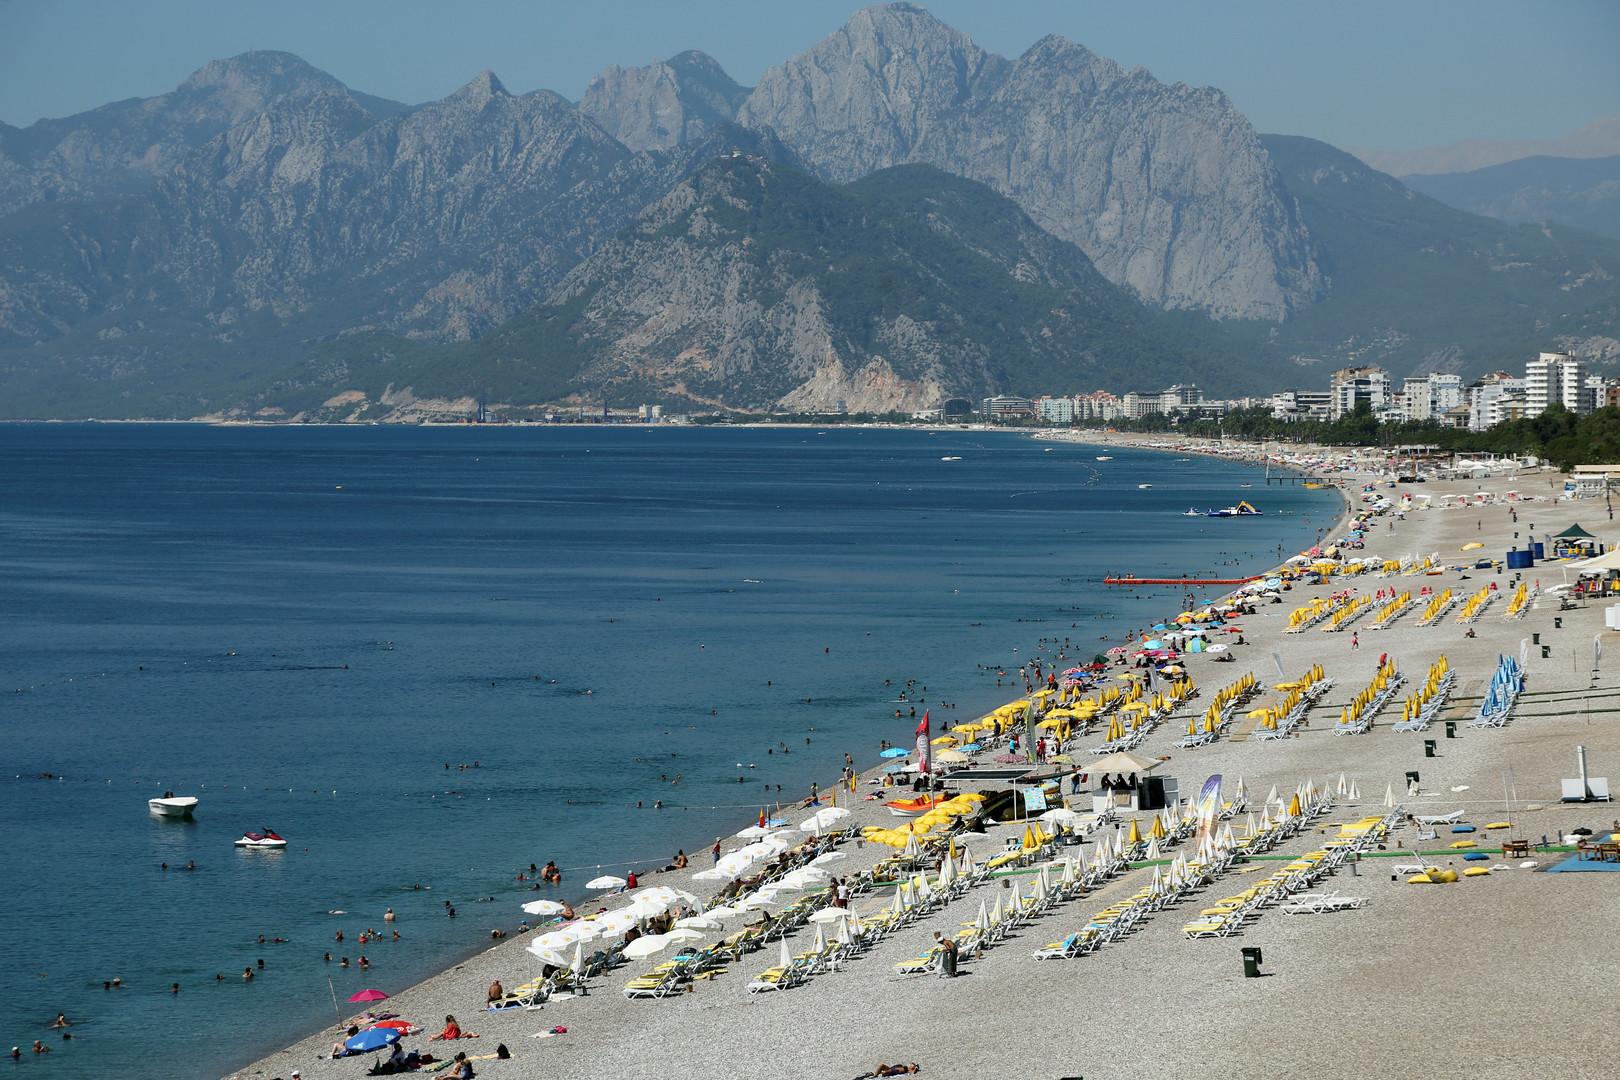 «Приехала не для того, чтобы бояться»: кишечная инфекция в Турции — не помеха для россиян